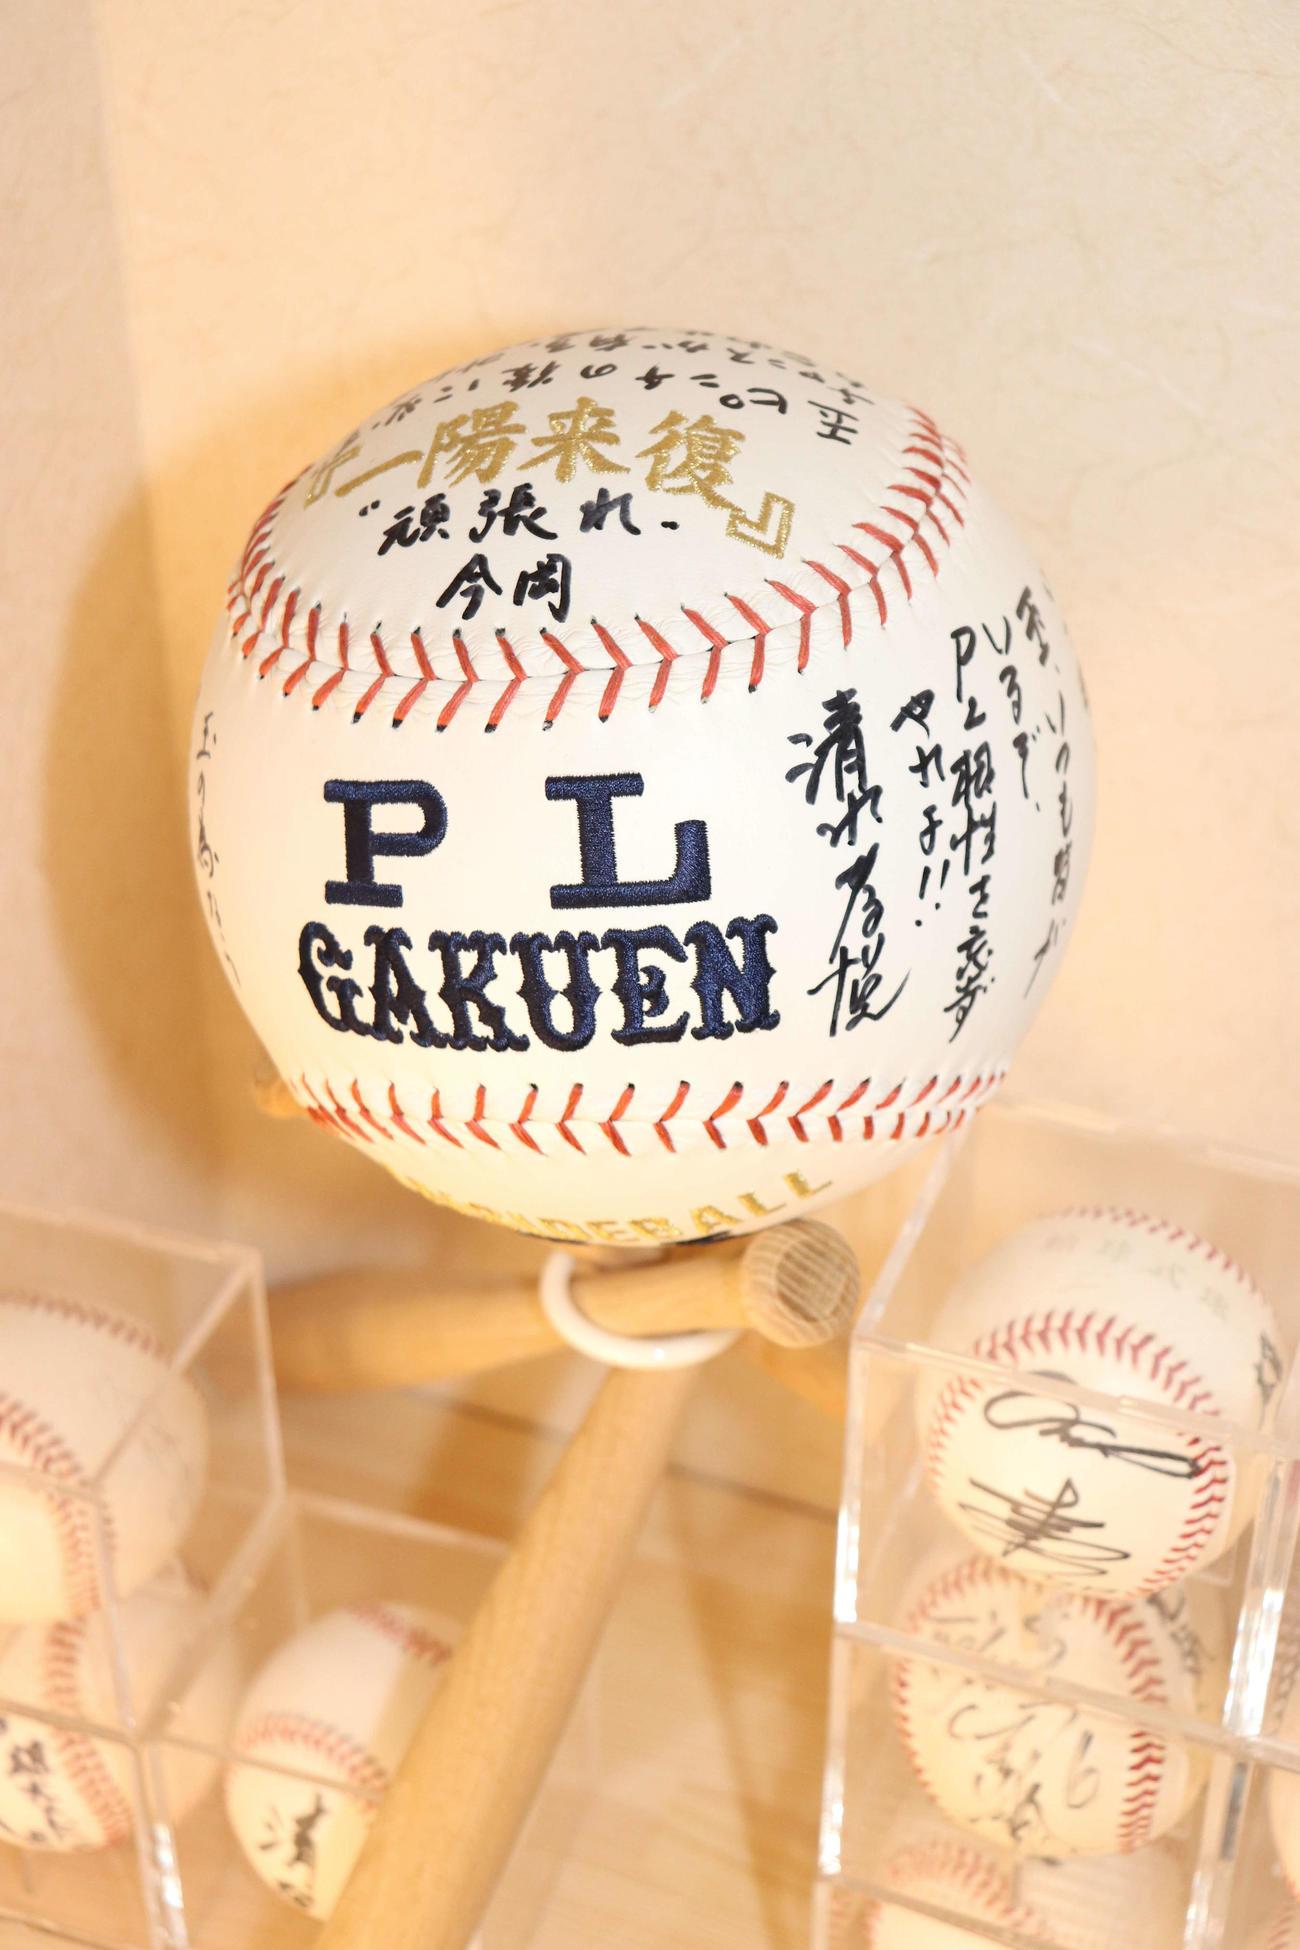 闘病中、PL学園の同級生や先輩たちがメッセージを書いてくれた記念ボールは、自宅に大切に飾ってある(撮影・保坂淑子)